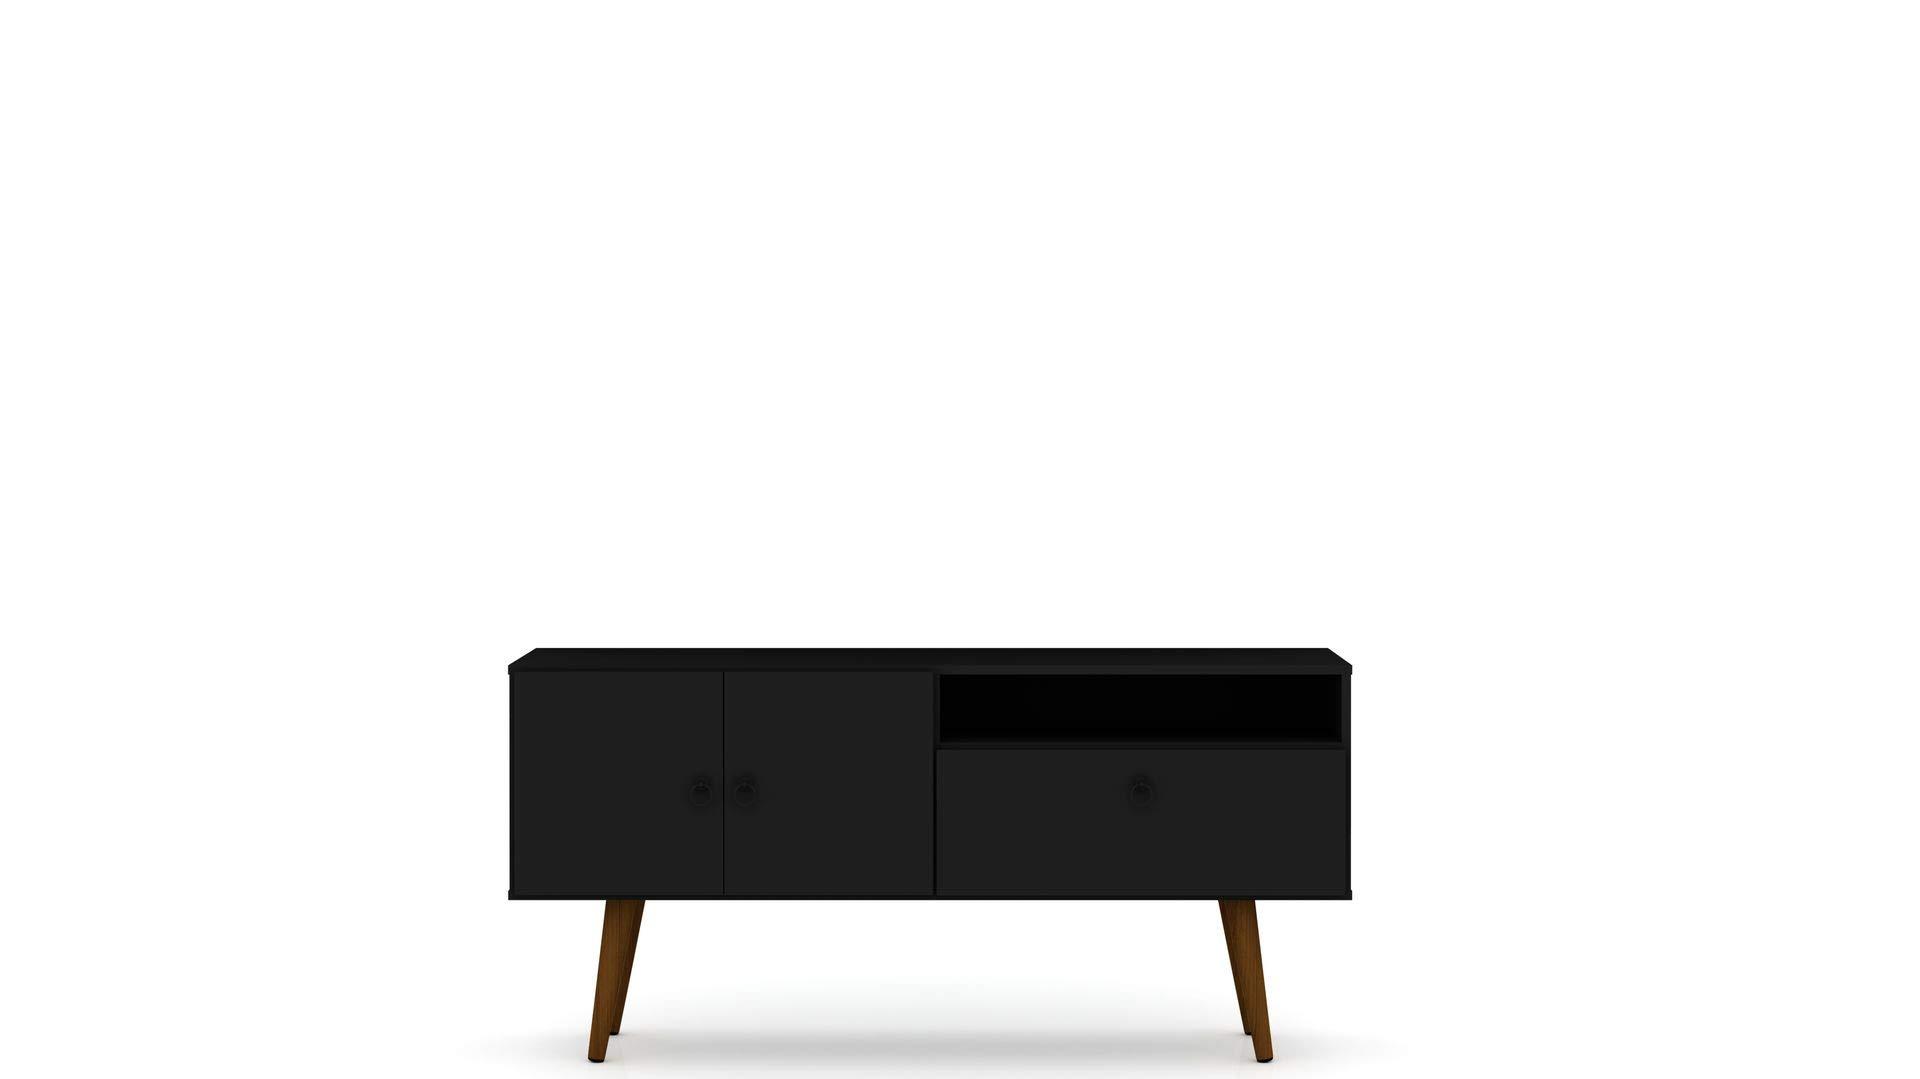 Midcentury Modern TV Stand in Black by Manhattan Comfort